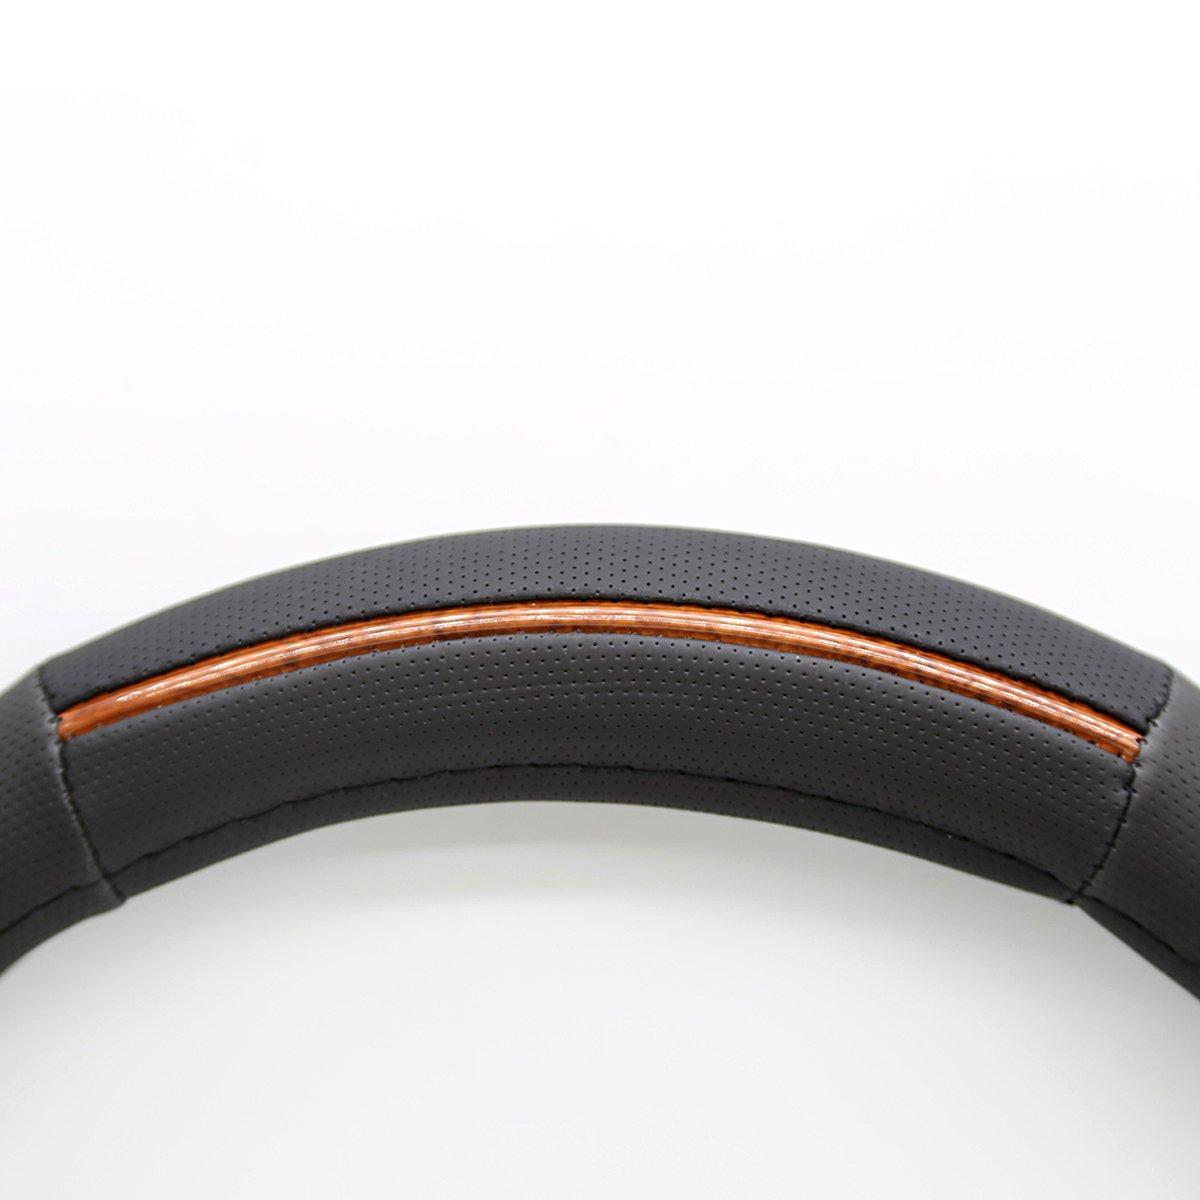 ZYY 571815BW Black Woodengrain Car Steering Wheel Cover